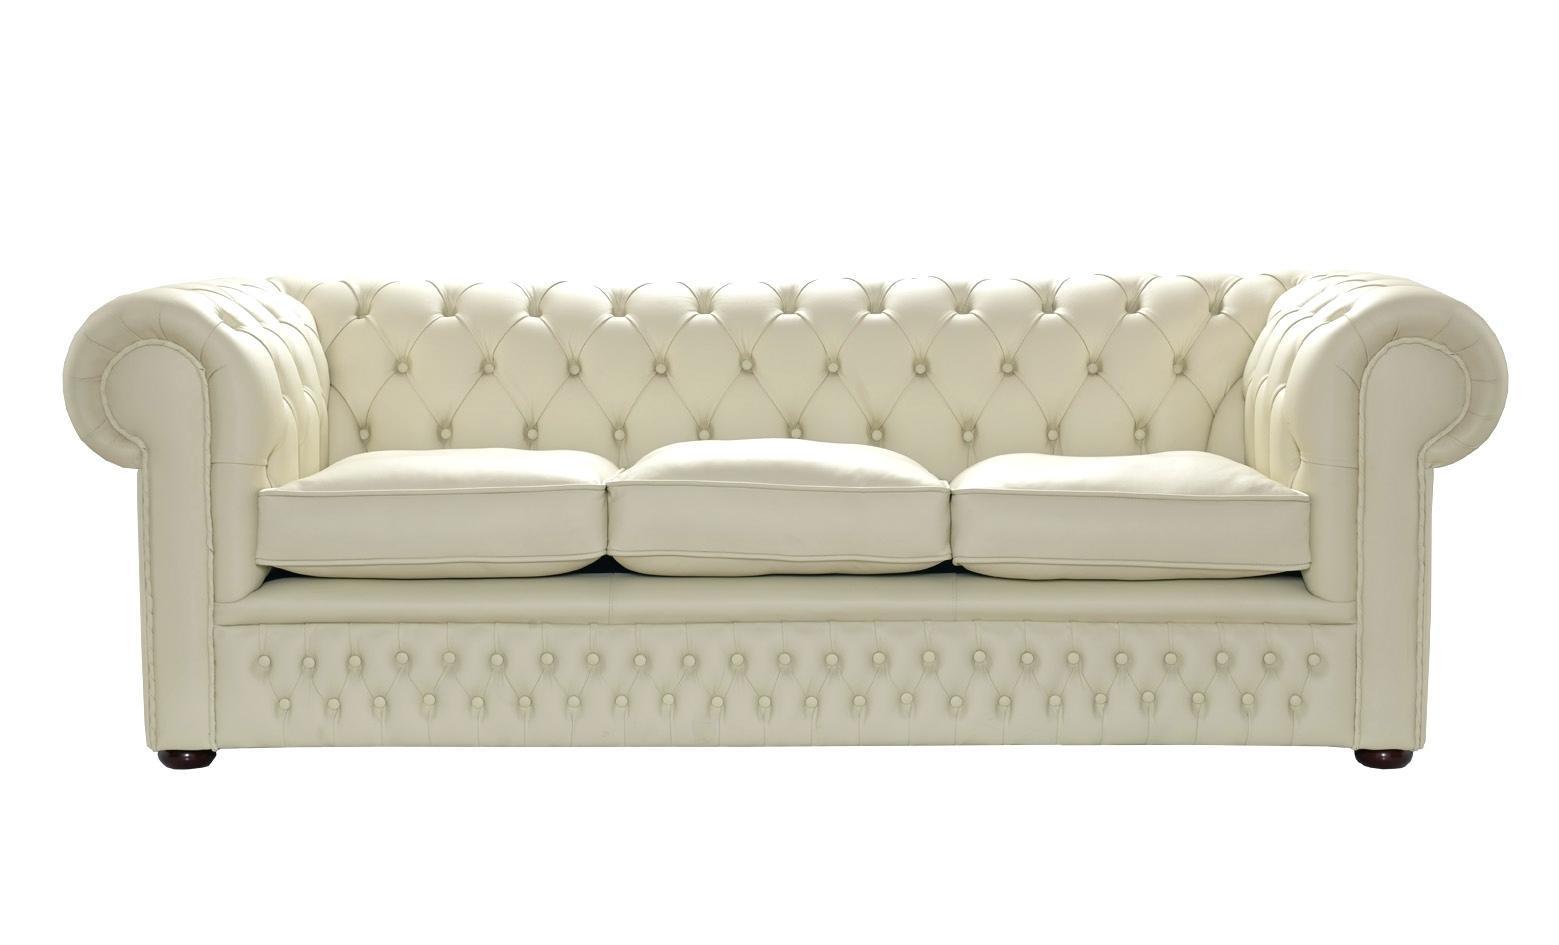 Sofas Center : Cream Colored Sofa Tables Sofas End Tablescream And With Cream Colored Sofa (View 6 of 20)